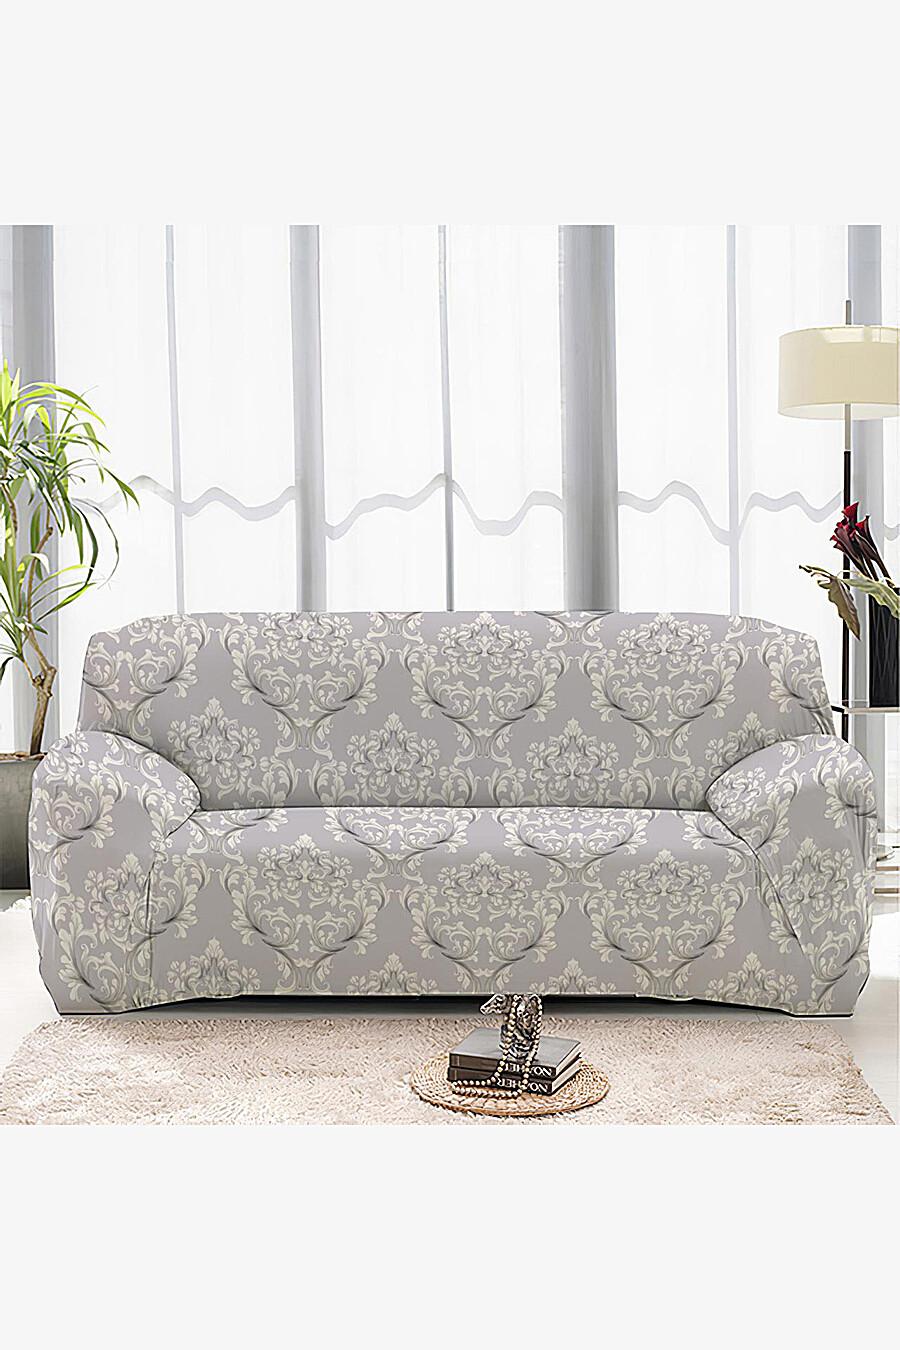 Чехол на диван для дома ART HOME TEXTILE 162843 купить оптом от производителя. Совместная покупка товаров для дома в OptMoyo